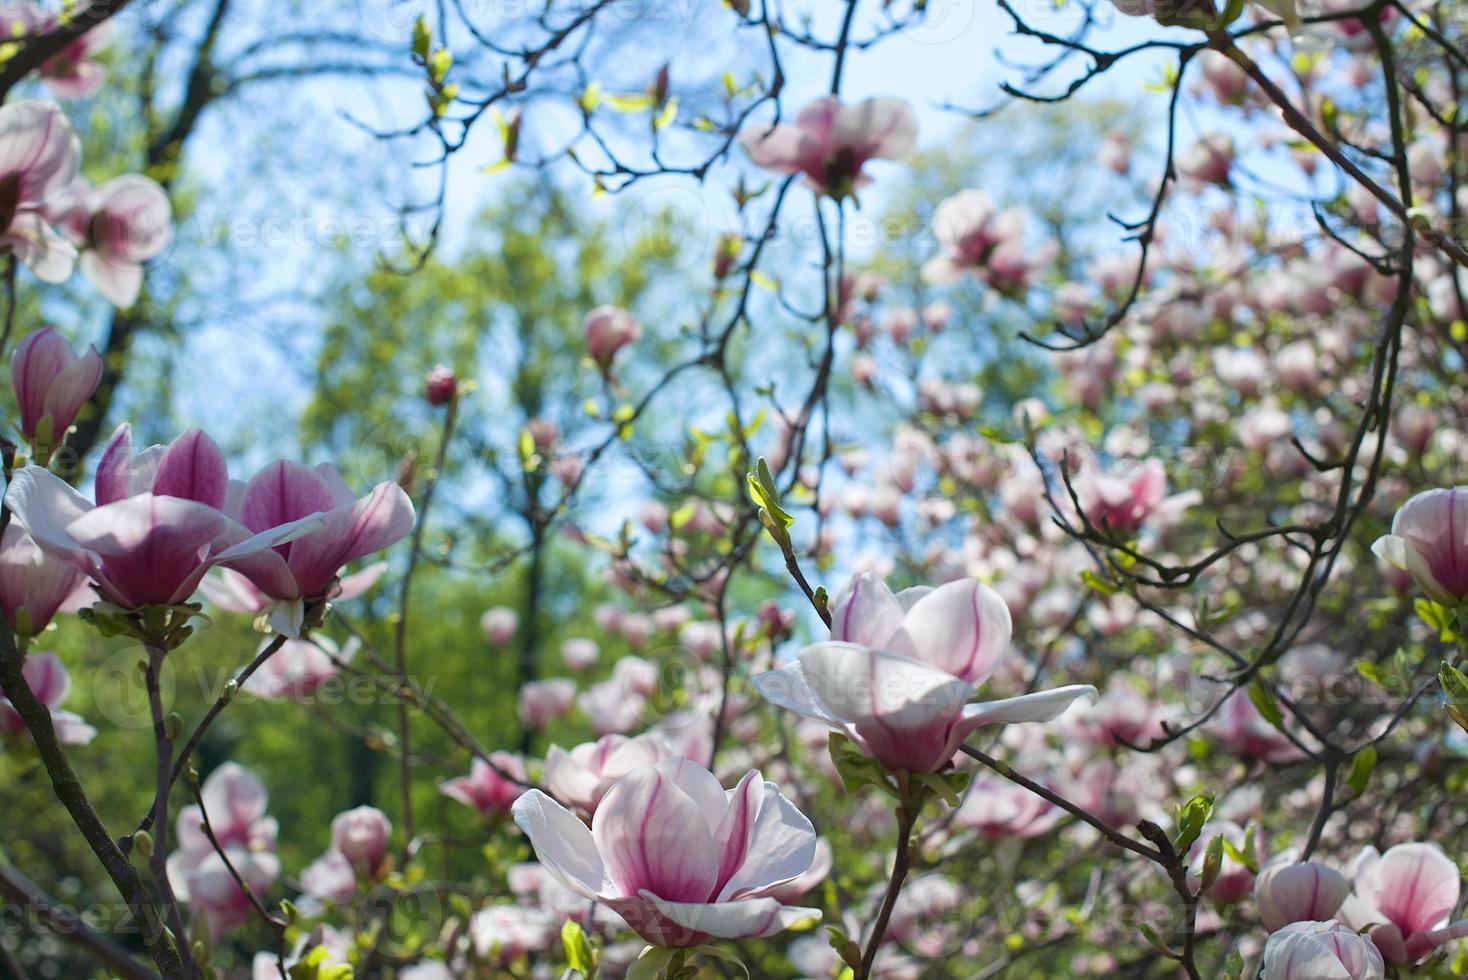 Magnolienblütenbaum in Blüte foto